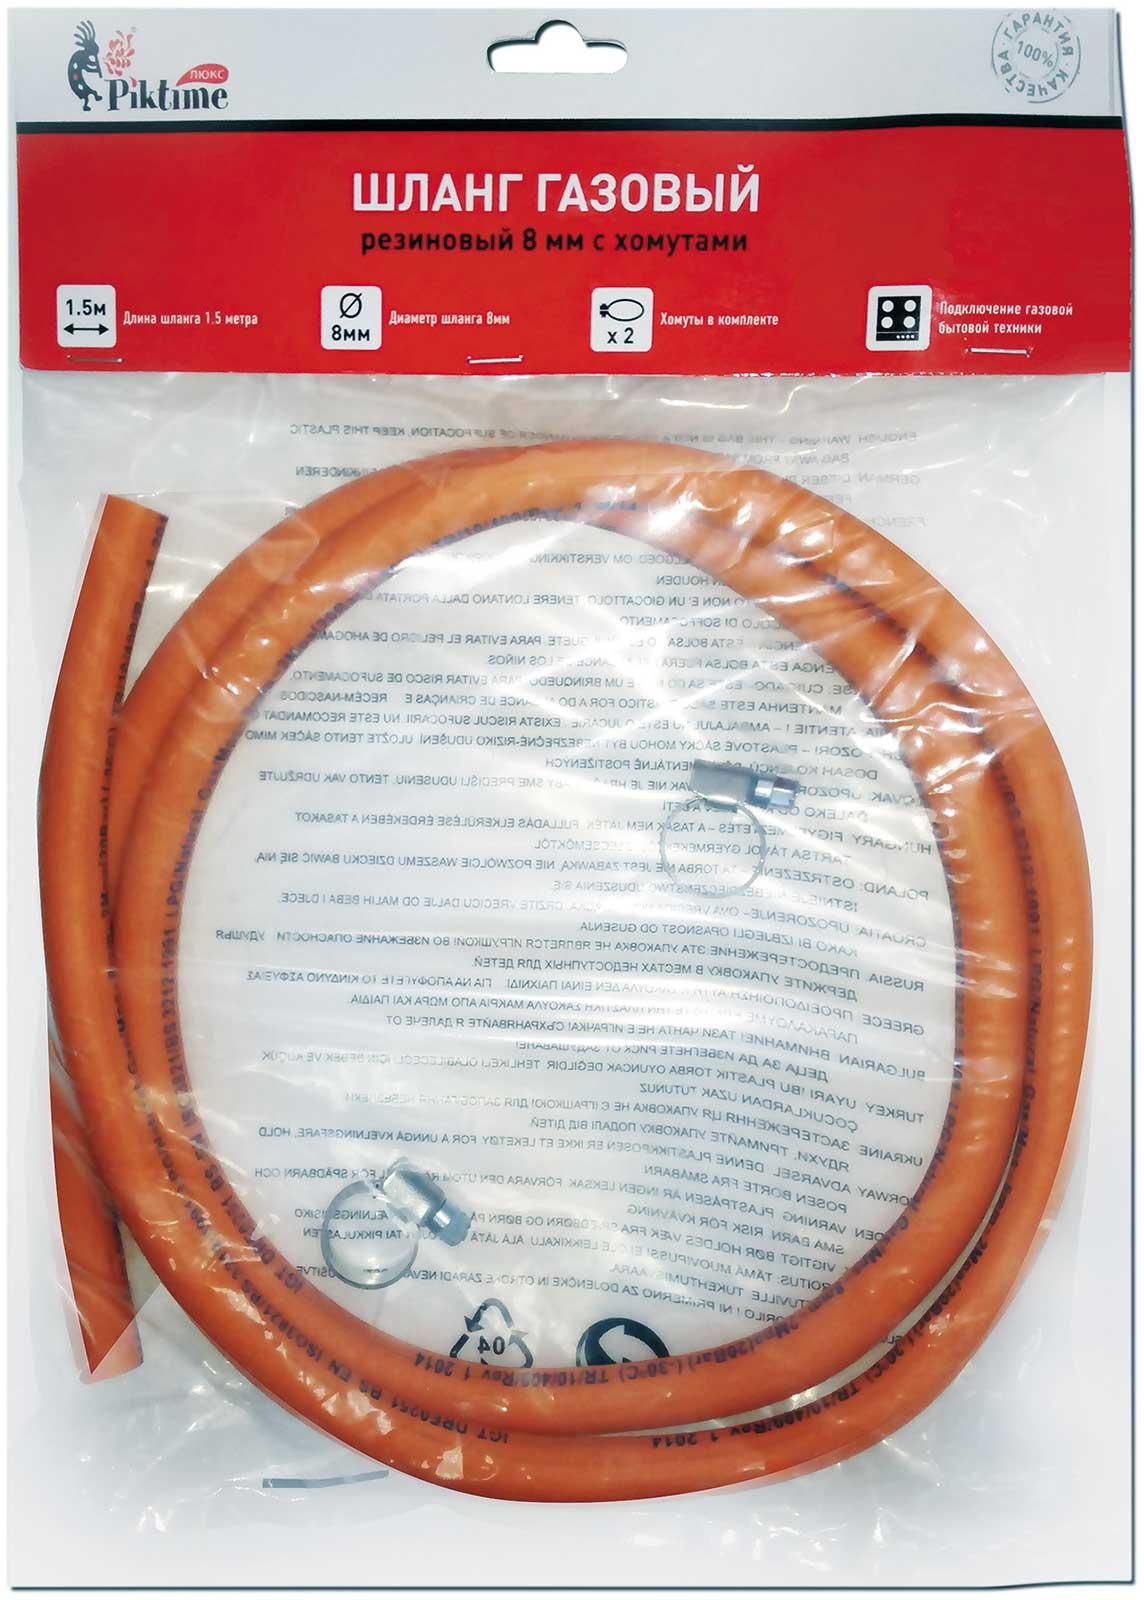 Шланг газовый 8 мм с хомутами газ всесезонный piktime для портативных газовых приборов 22